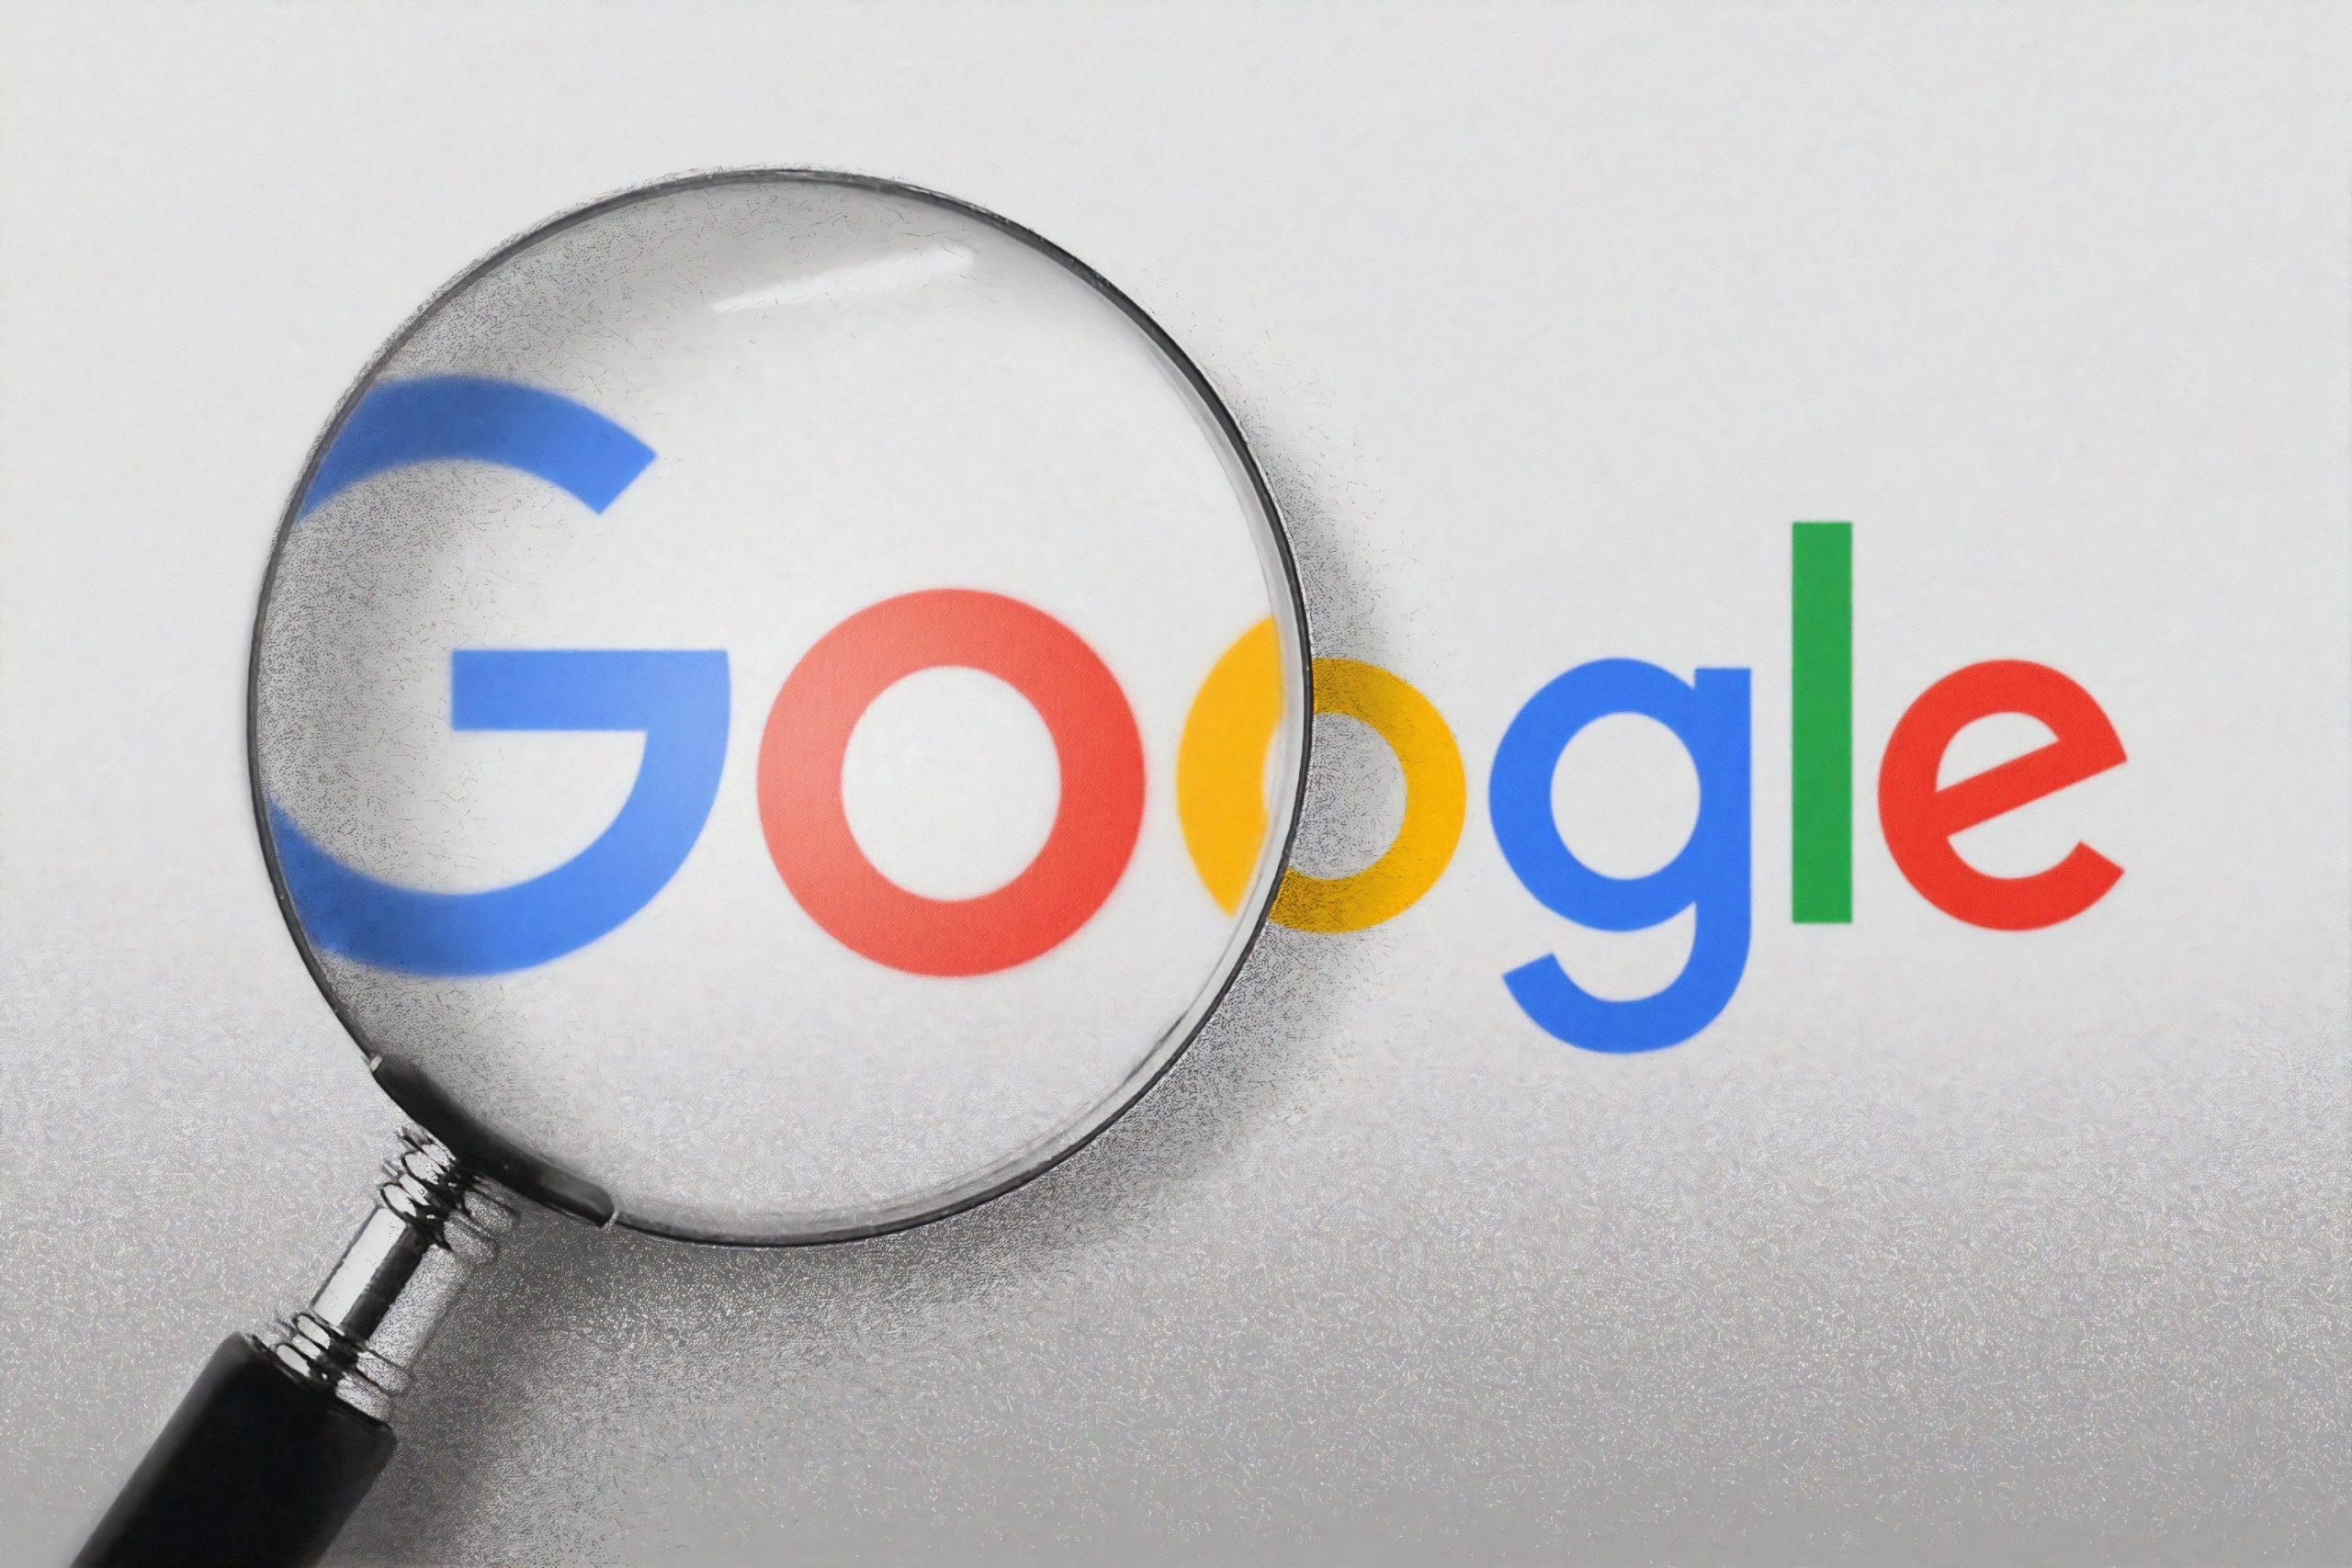 Googleネット検索のコツをつかんで欲しい情報を見つけ出す方法